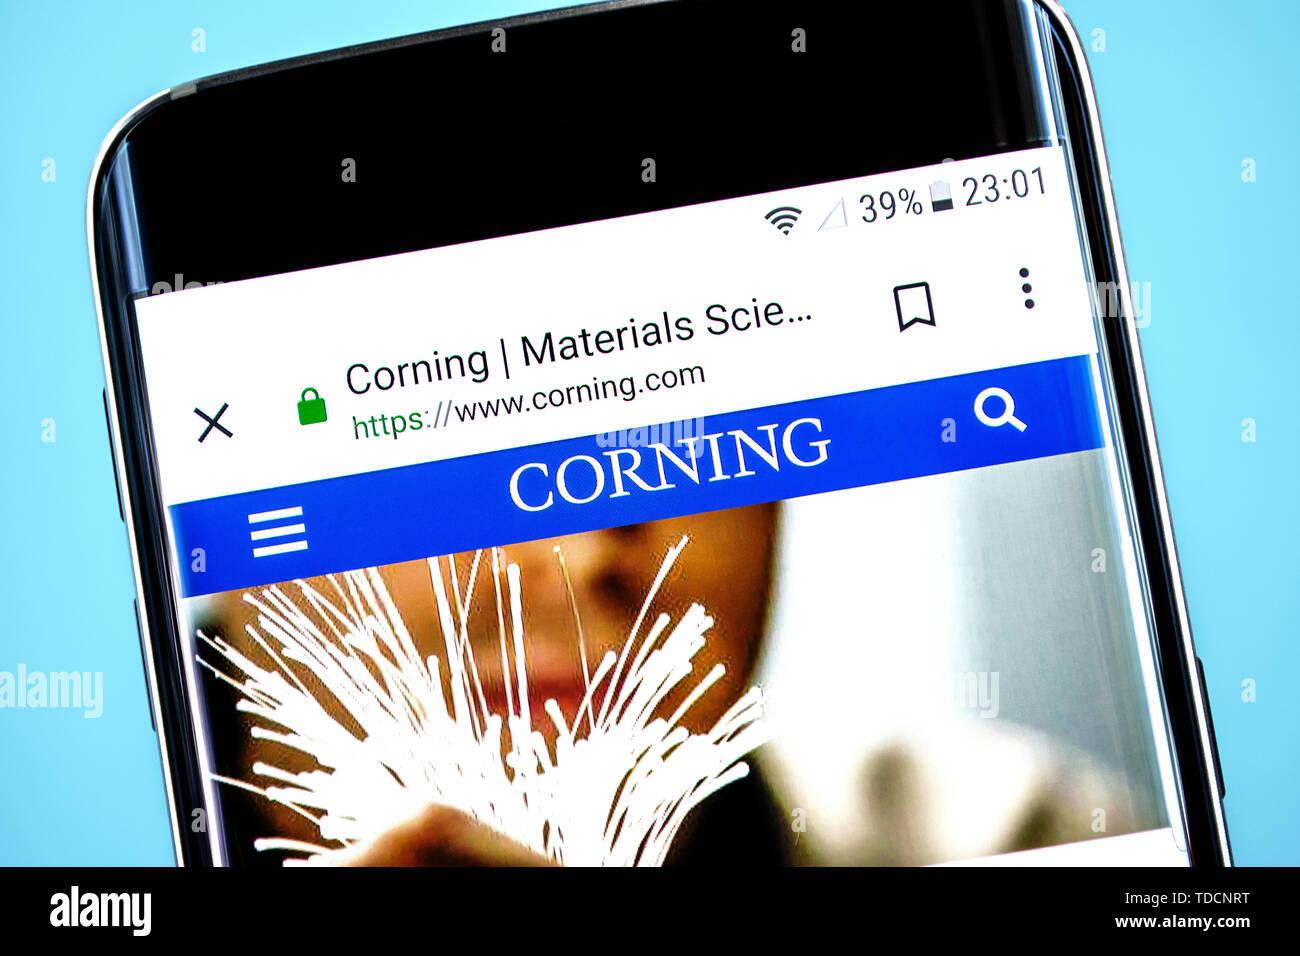 Berdiansk, Ukraine - 10 juin 2019: Corning accueil du site. Logo Corning visible sur l'écran du téléphone, rédaction d'illustration. Photo Stock